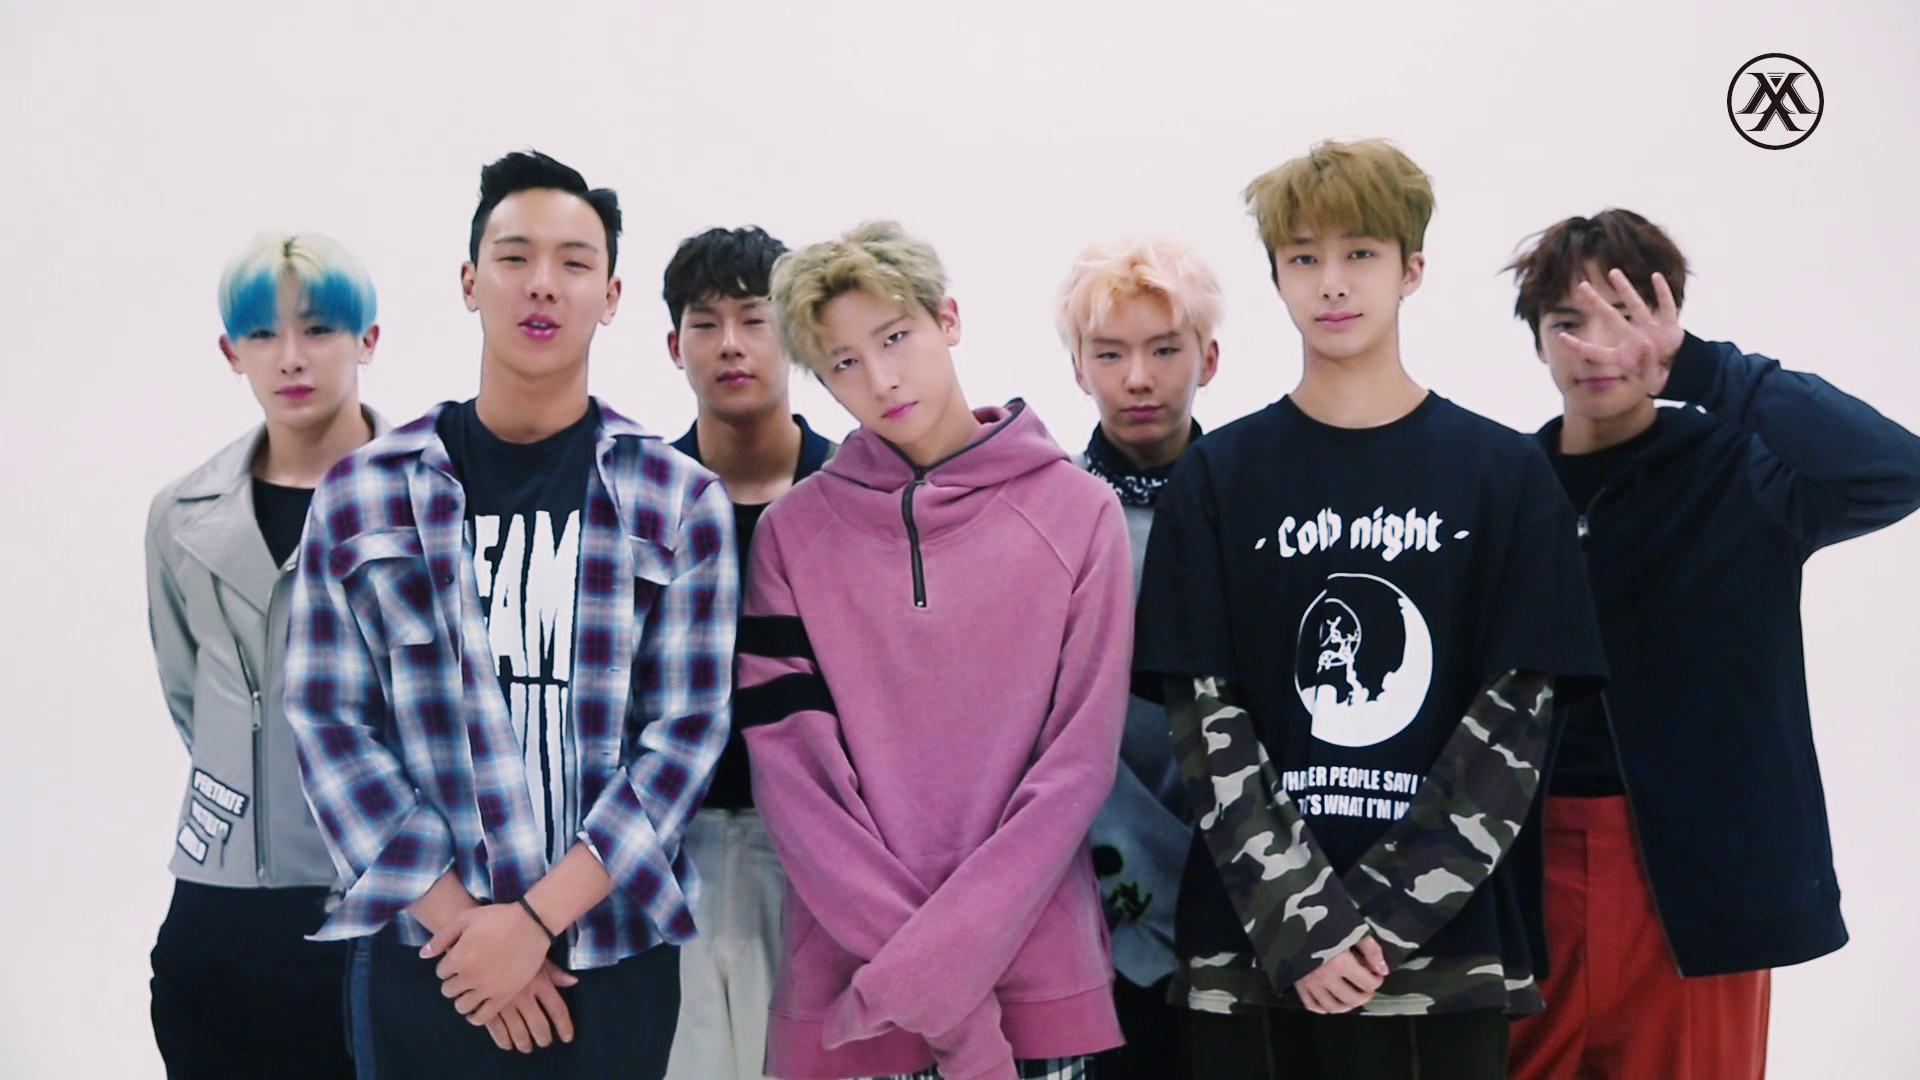 [스타캐스트] 몬스타엑스(MONSTA X) _ GUILTY 뮤직비디오 촬영현장